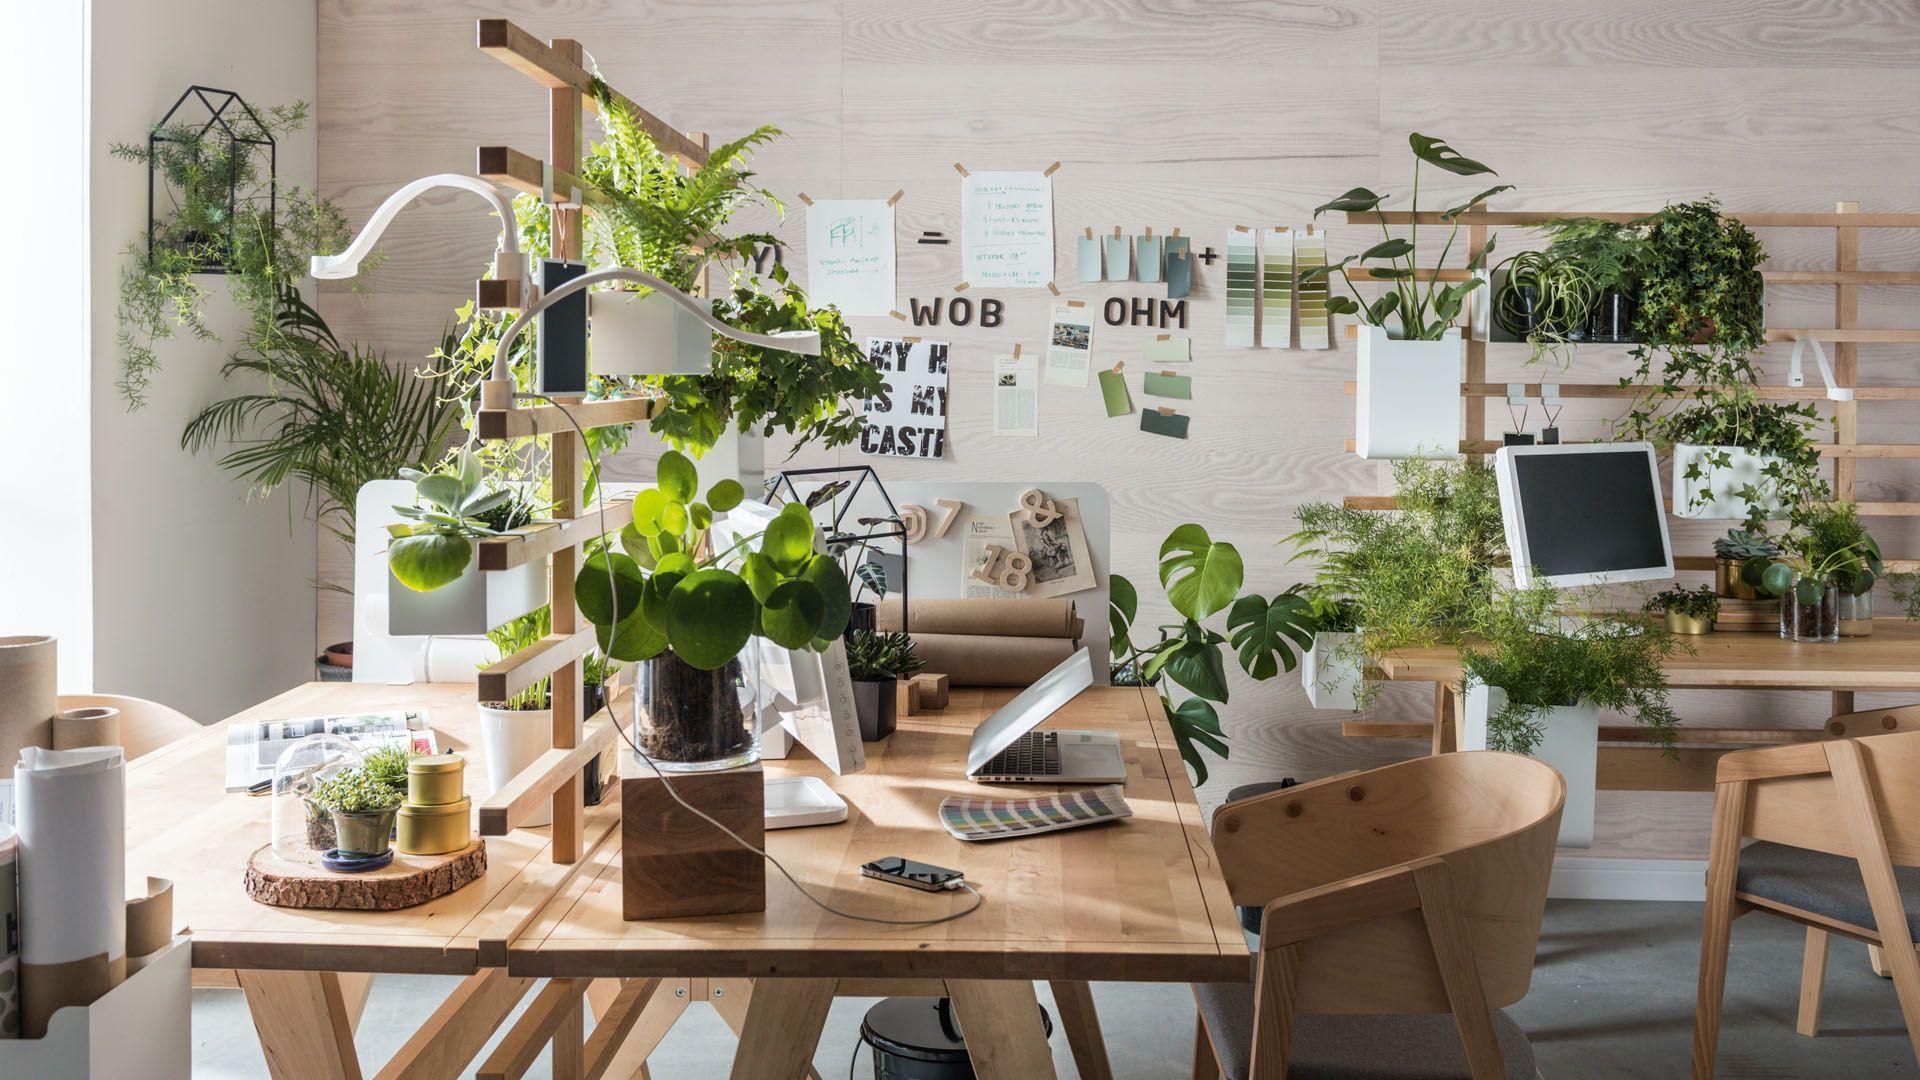 Bazę stanowi drewniany stół z parawanem, który zyskuje dodatkowe możliwości wraz z dokładaniem do niego akcesoriów. Fot. Worknest Vox